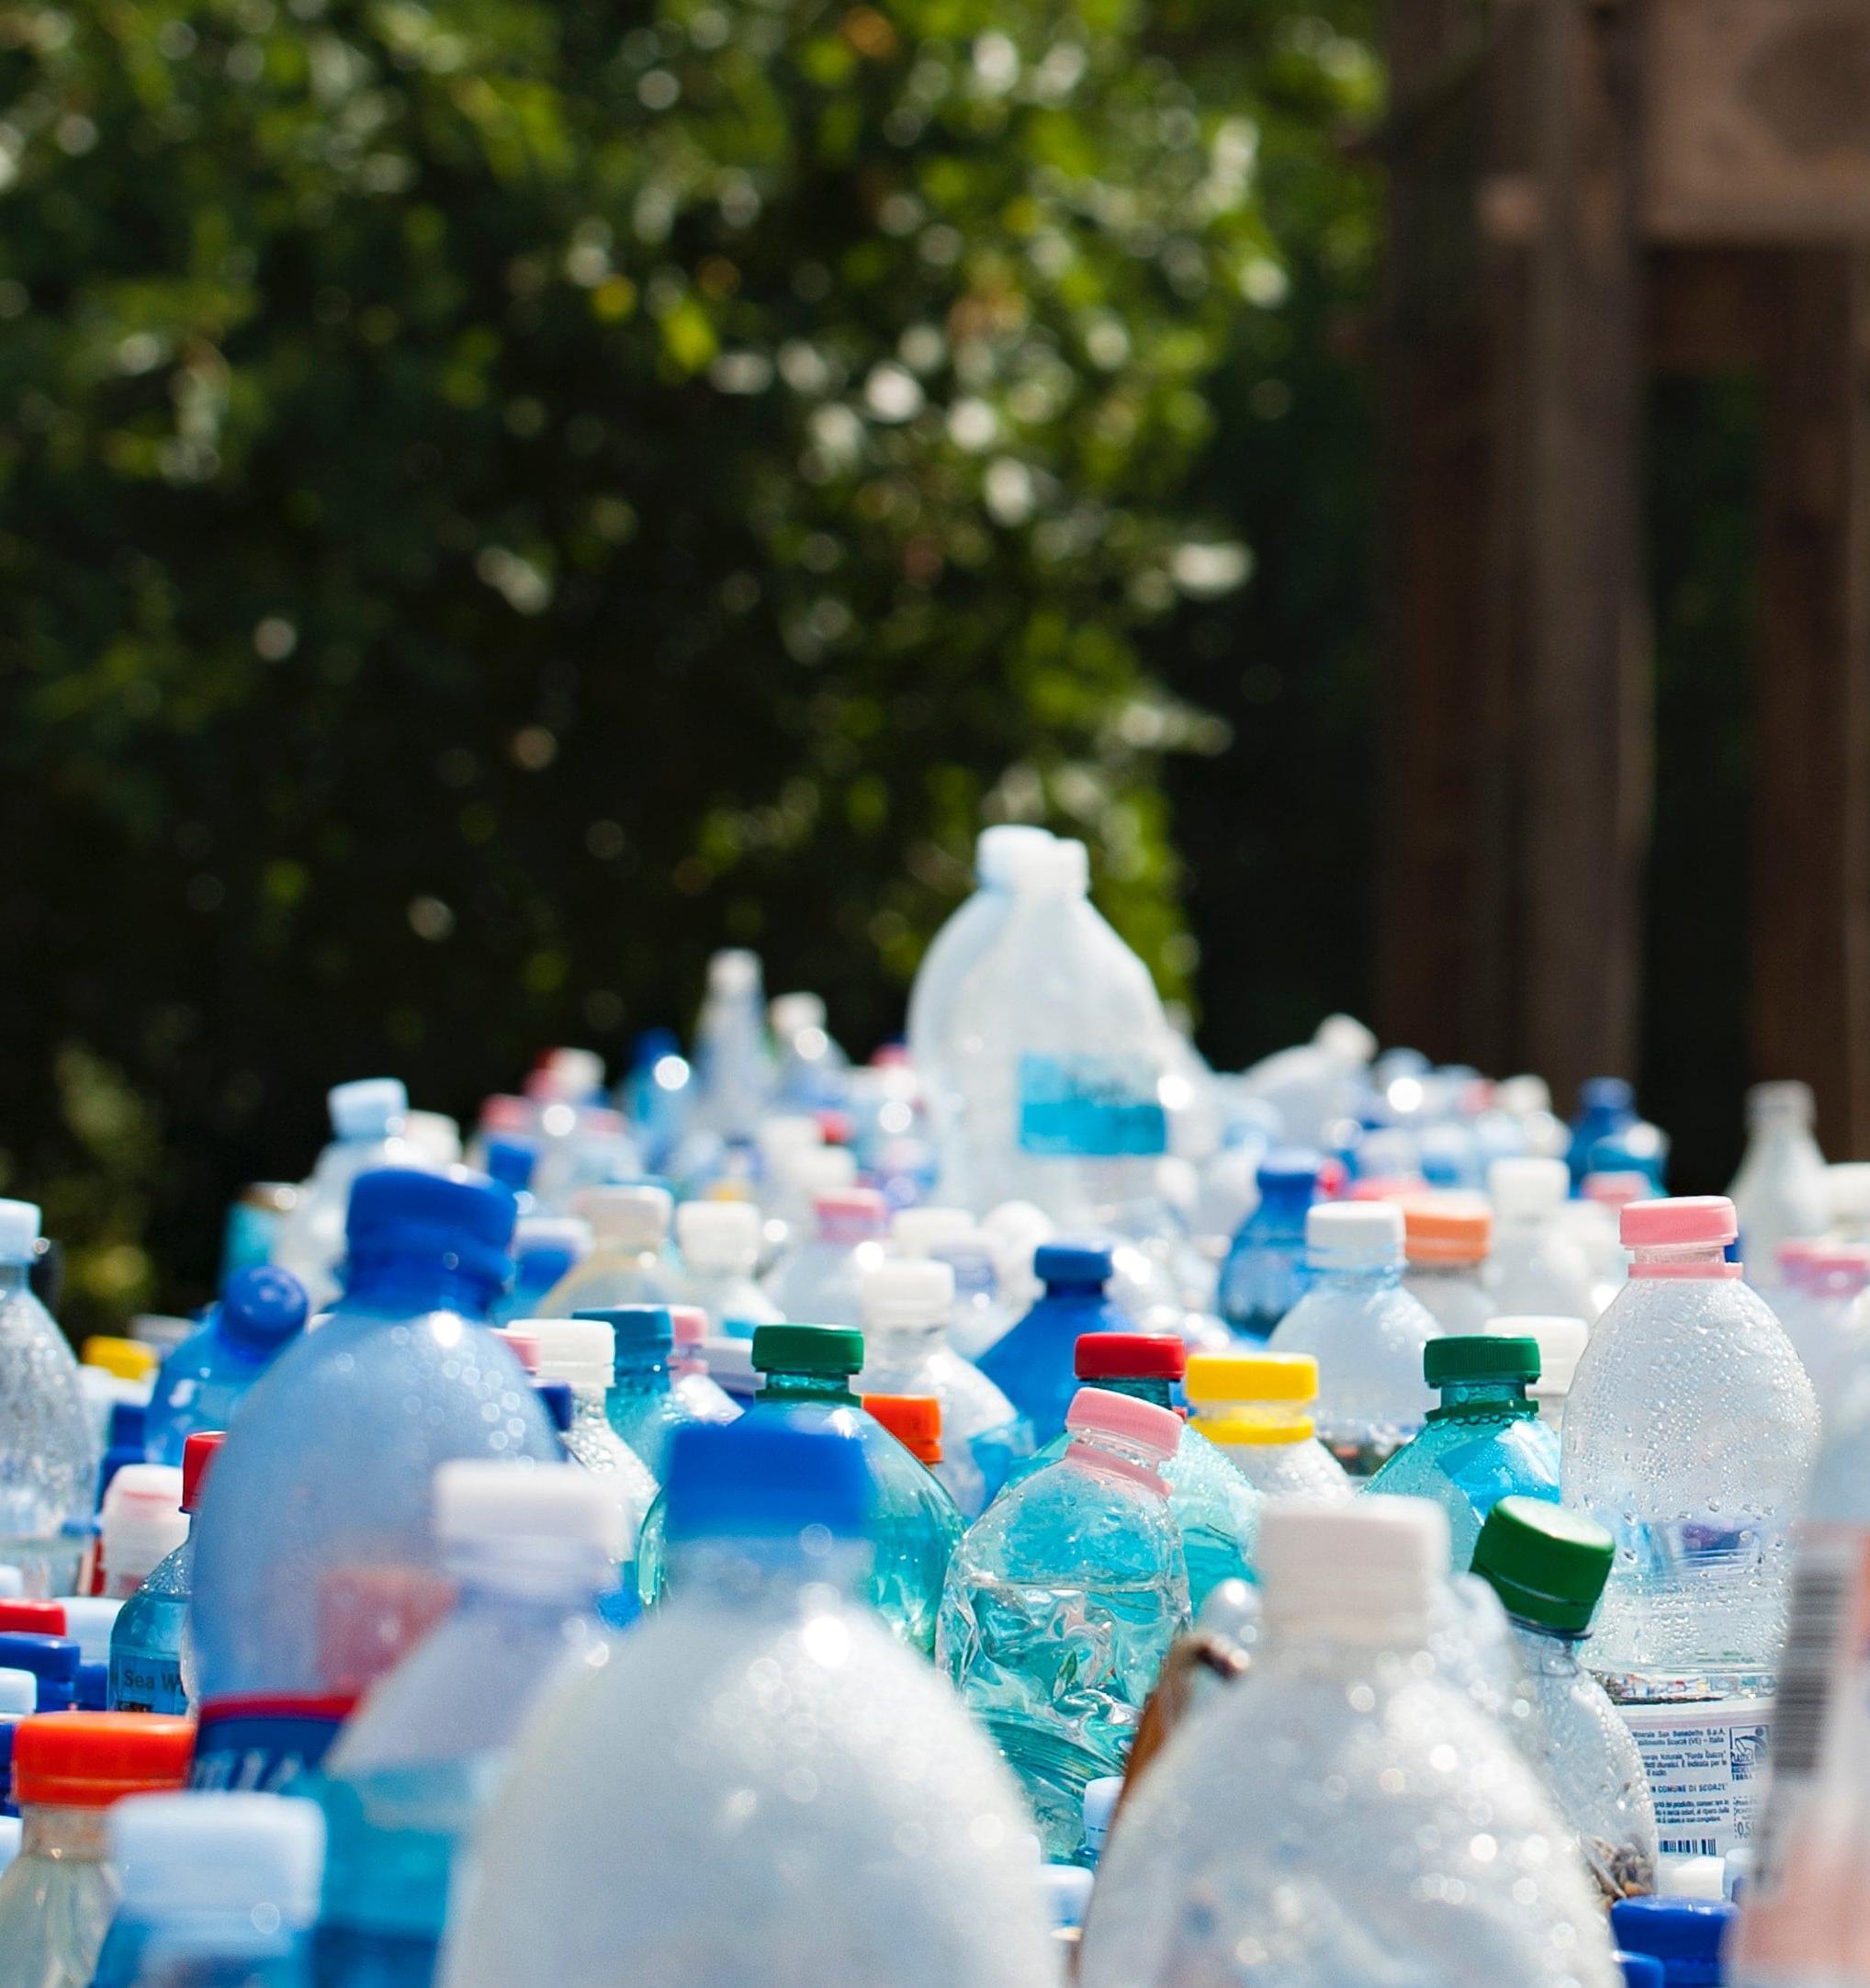 Назван процент россиян, готовых сортировать мусор